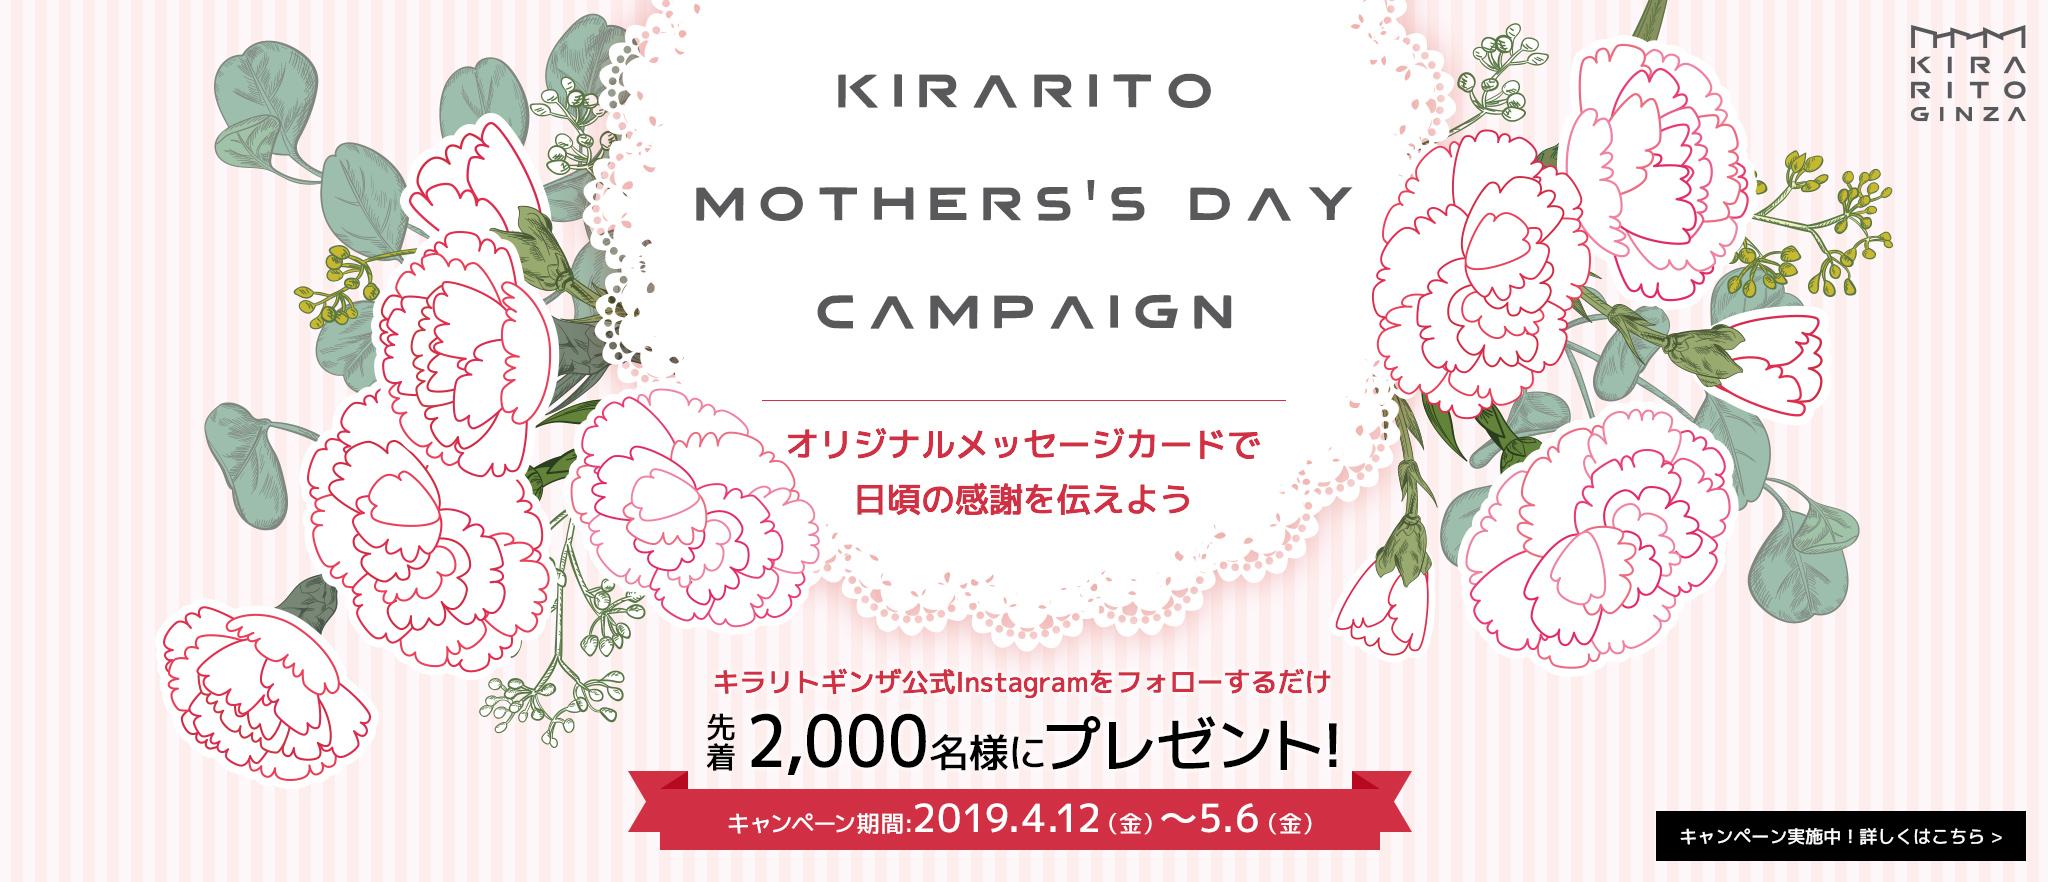 キラリト母の日キャンペーン